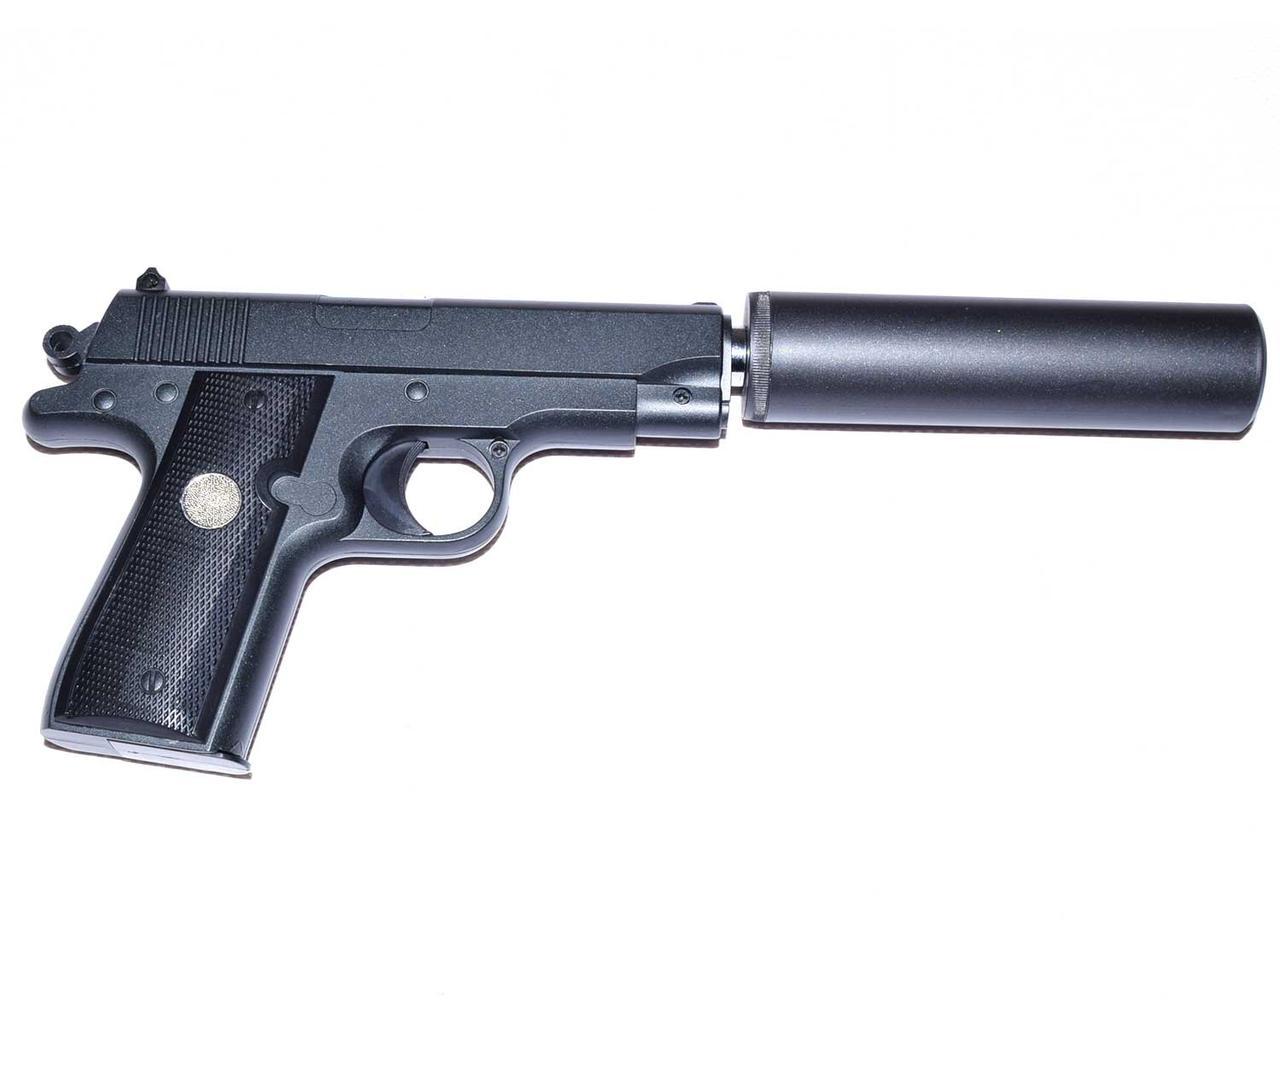 Страйкбольный пистолет Galaxy G2A (Browning mini) с глушителем